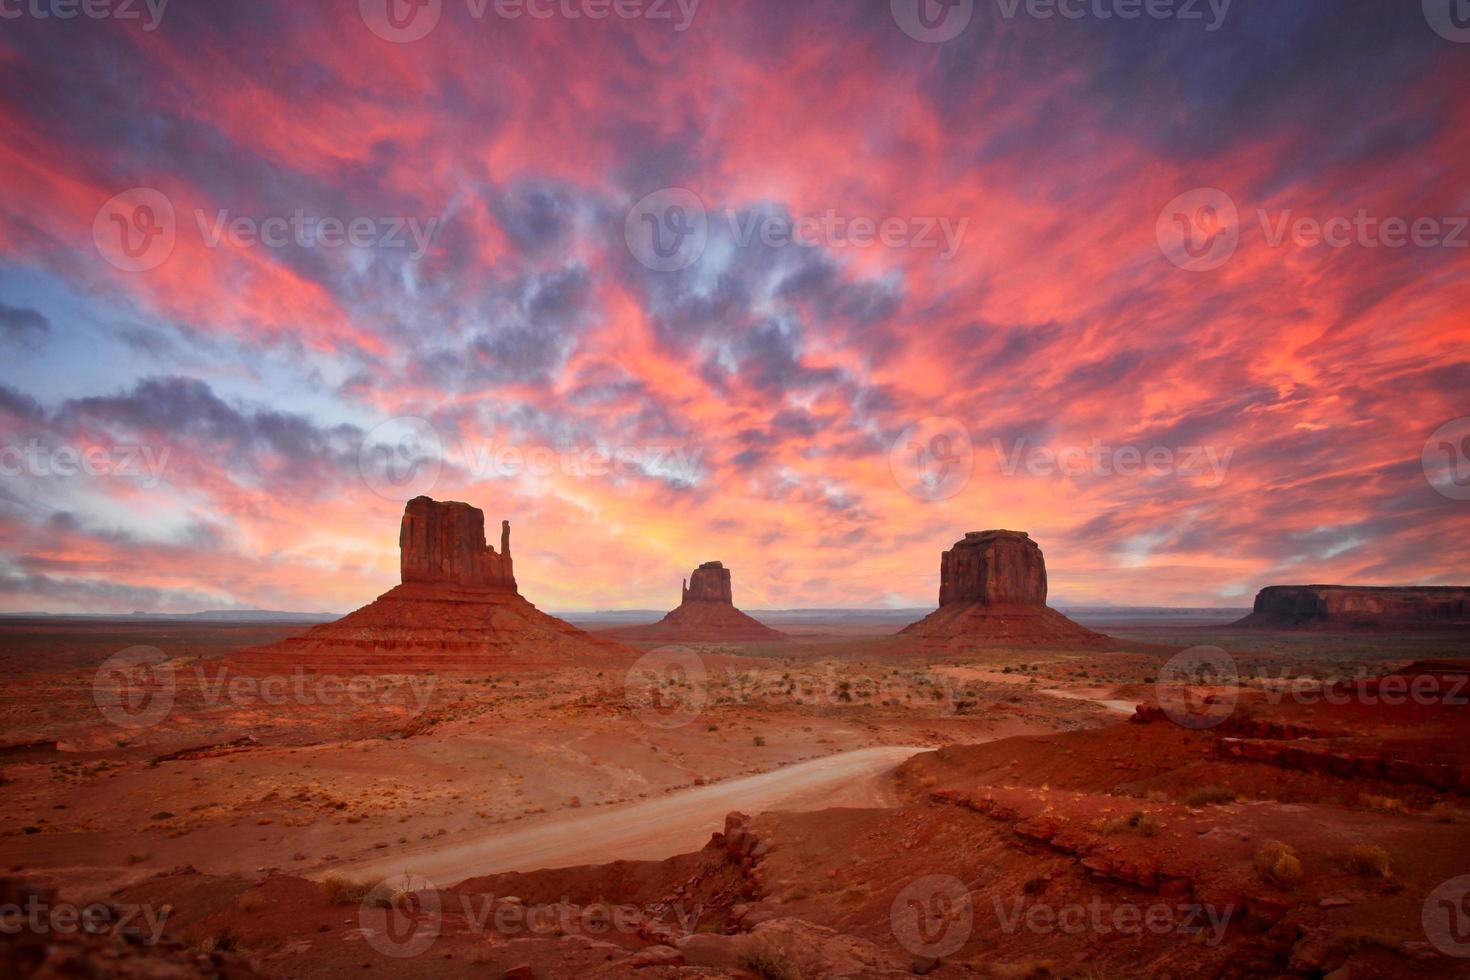 monumentdalens landskap som visar de berömda navajo -butterna foto